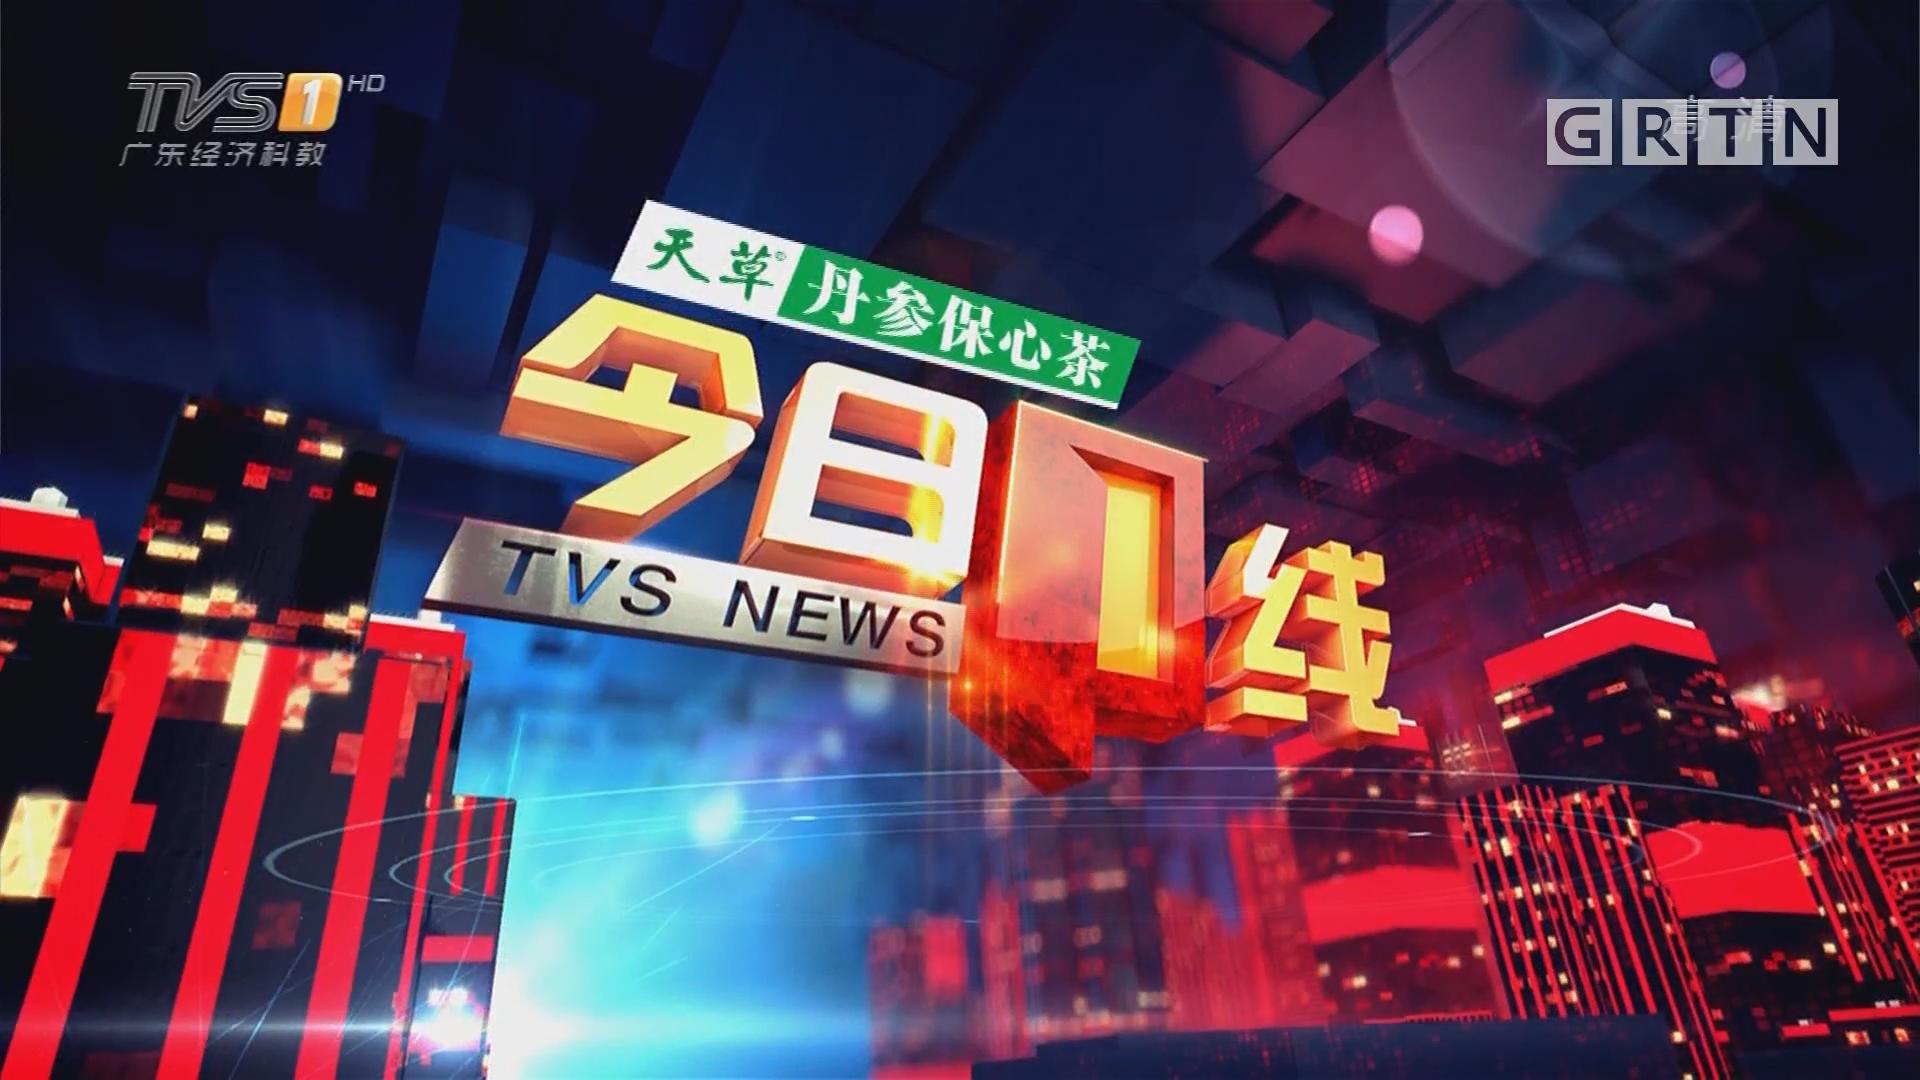 [HD][2019-01-11]今日一线:惠州惠阳:五层半建筑倒塌殃及81岁阿婆 铁腕整顿